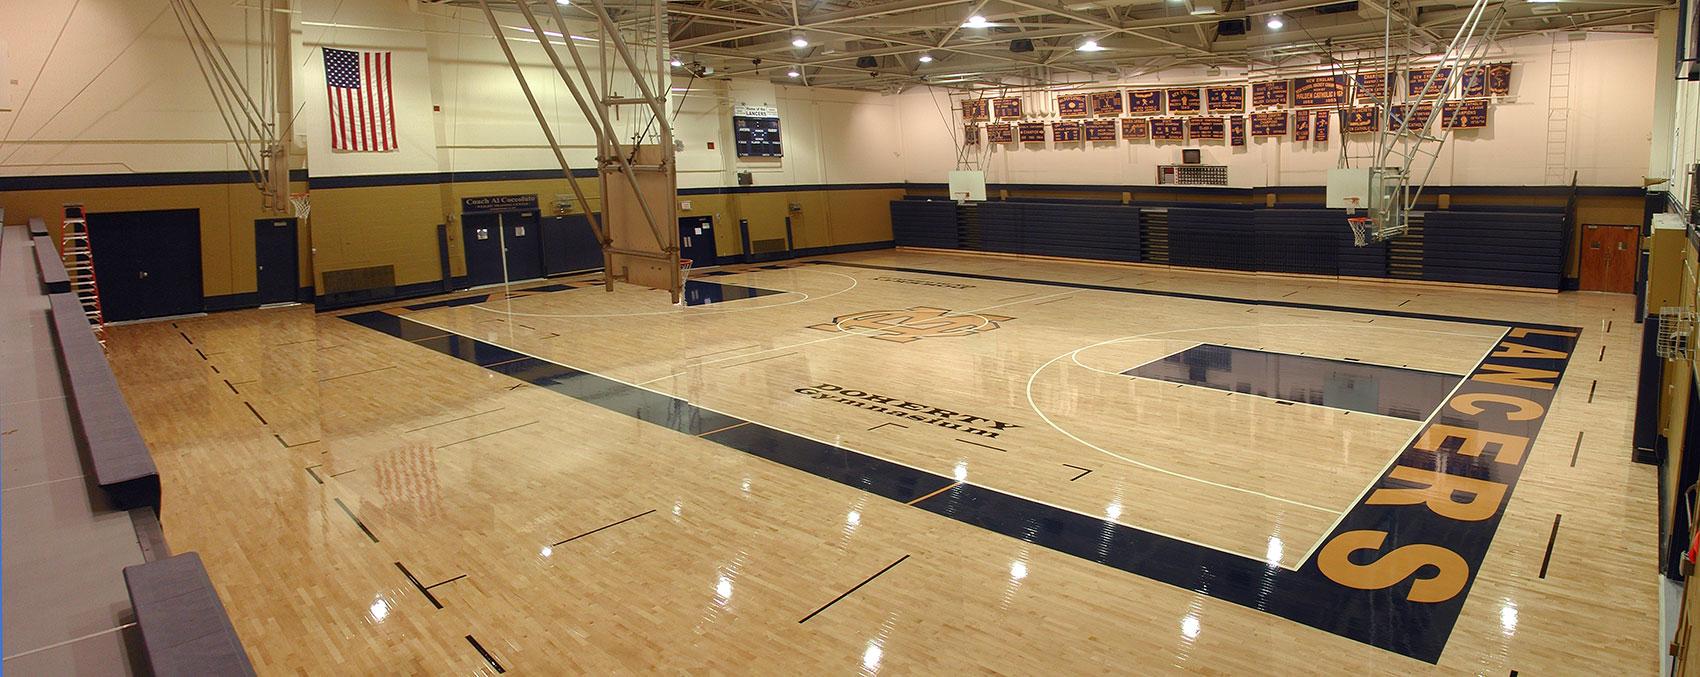 Doherty Gymnasium